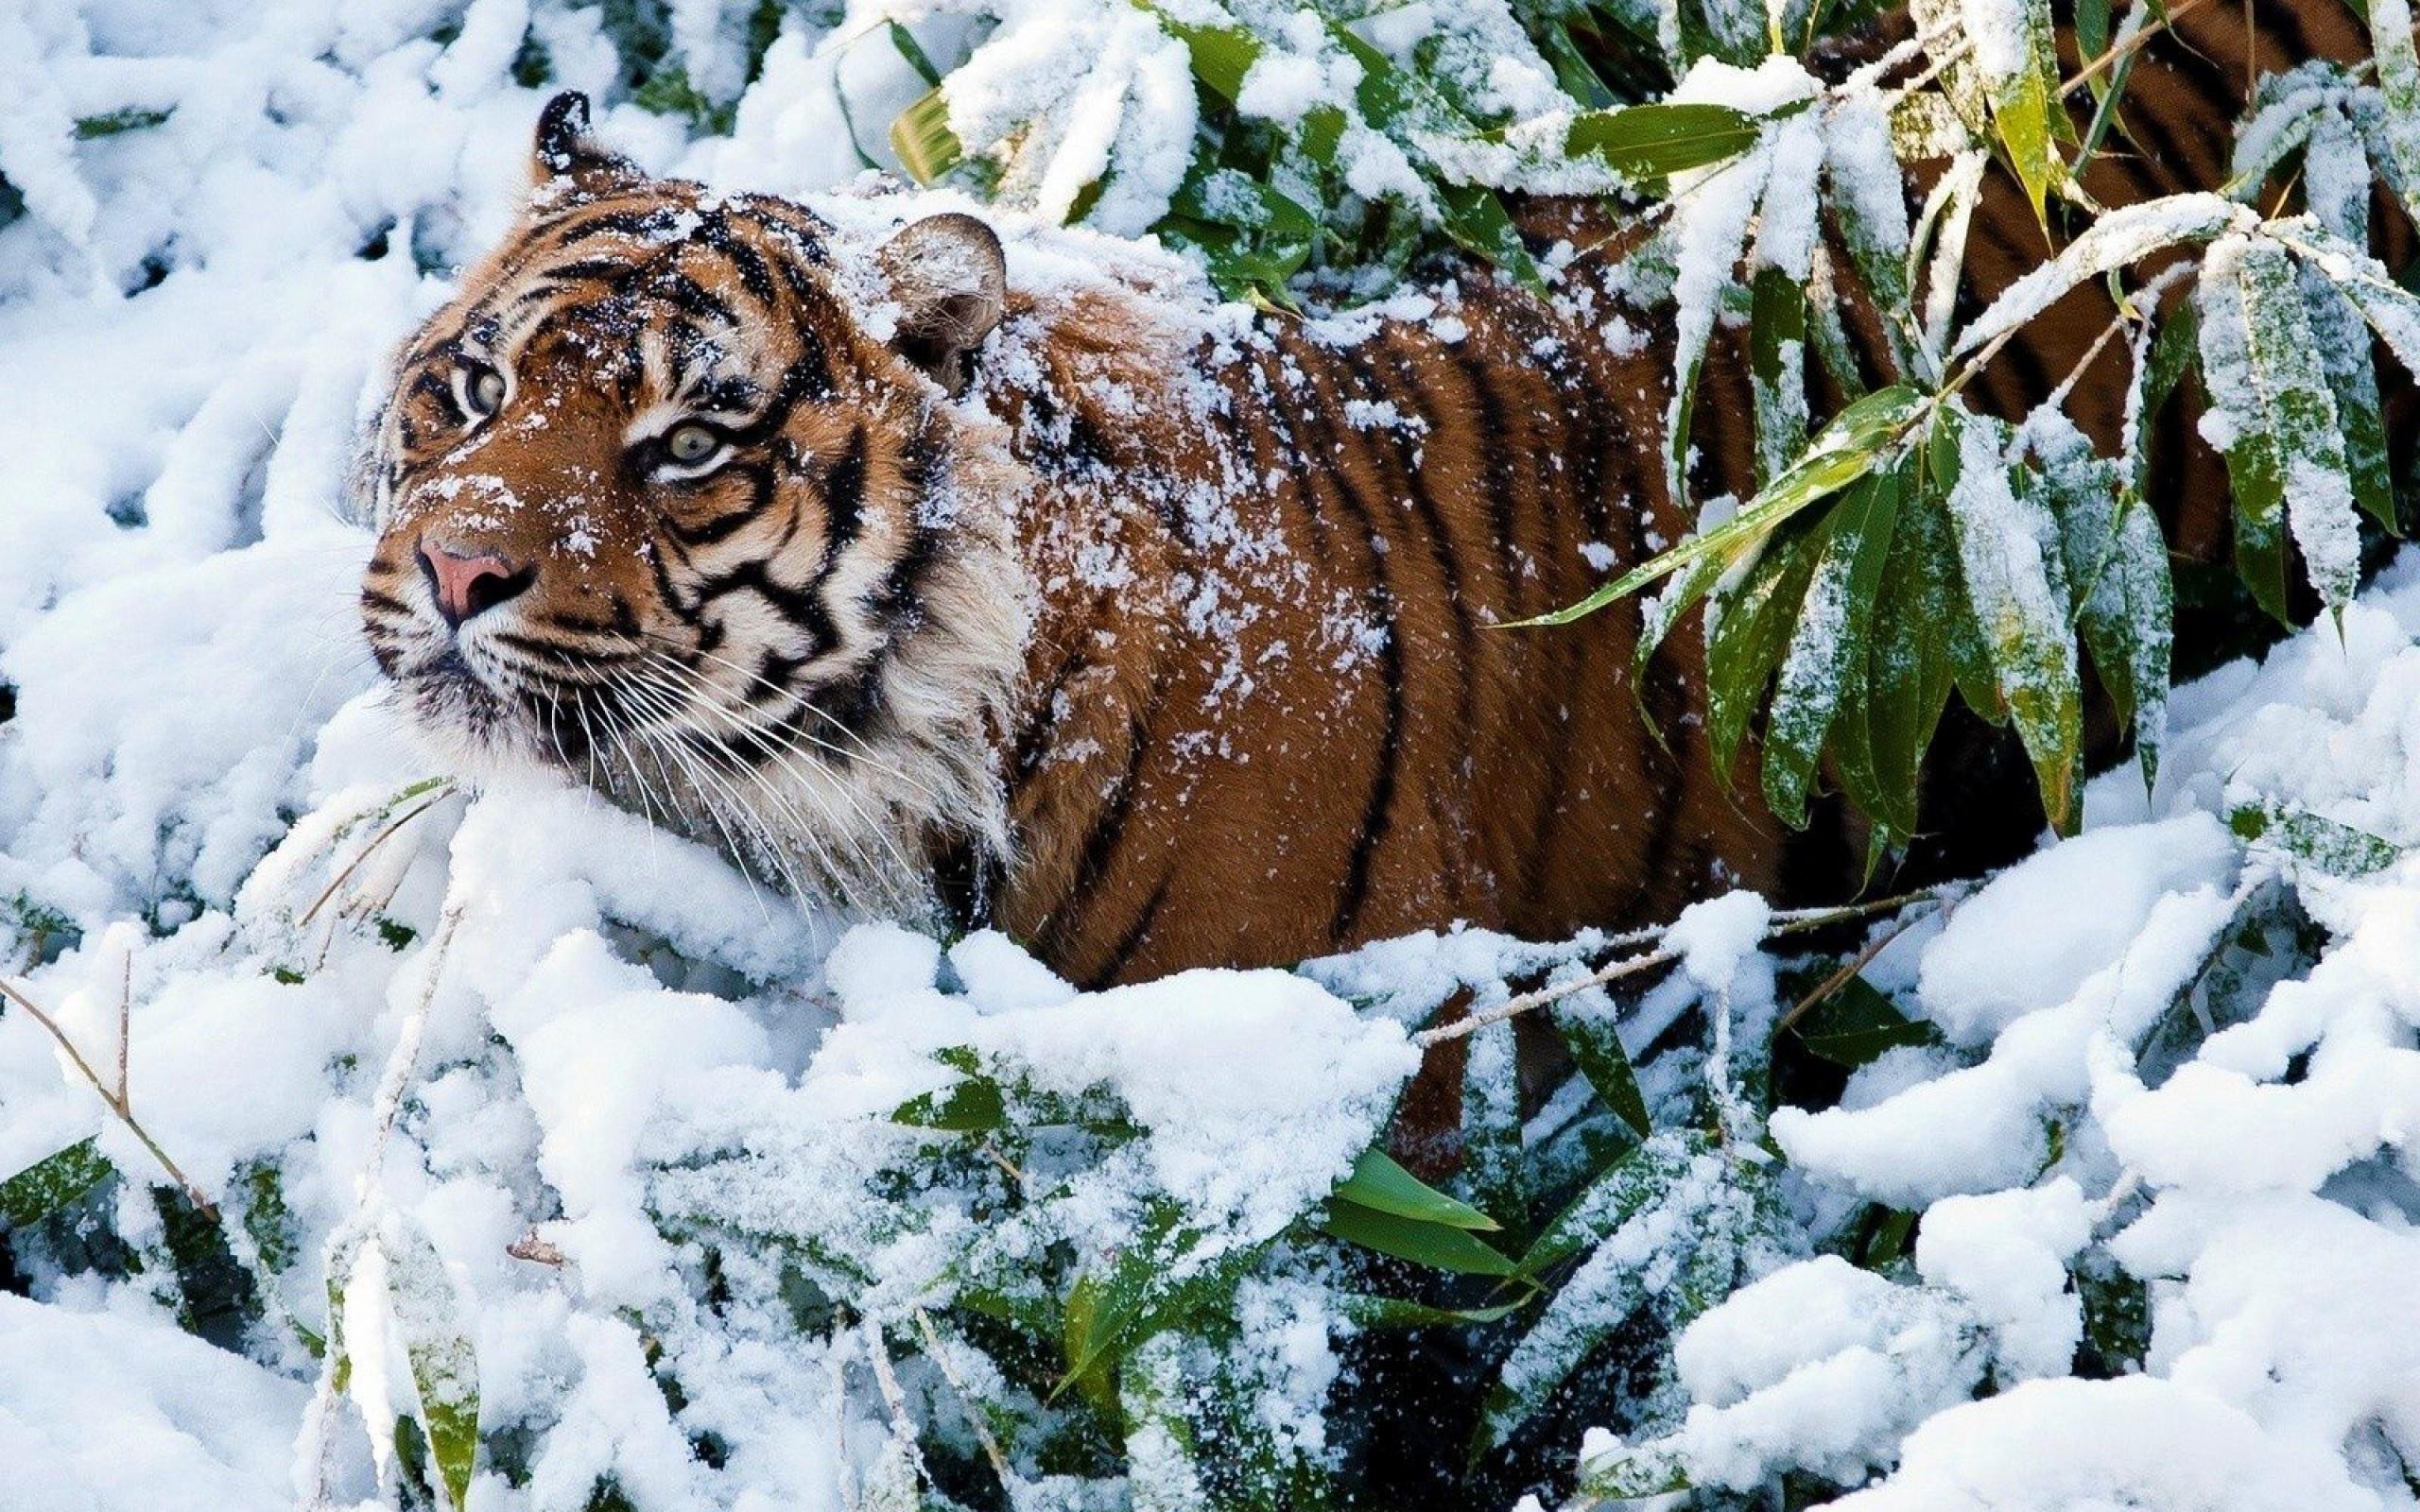 красивые картинки животных в снегу владельцы